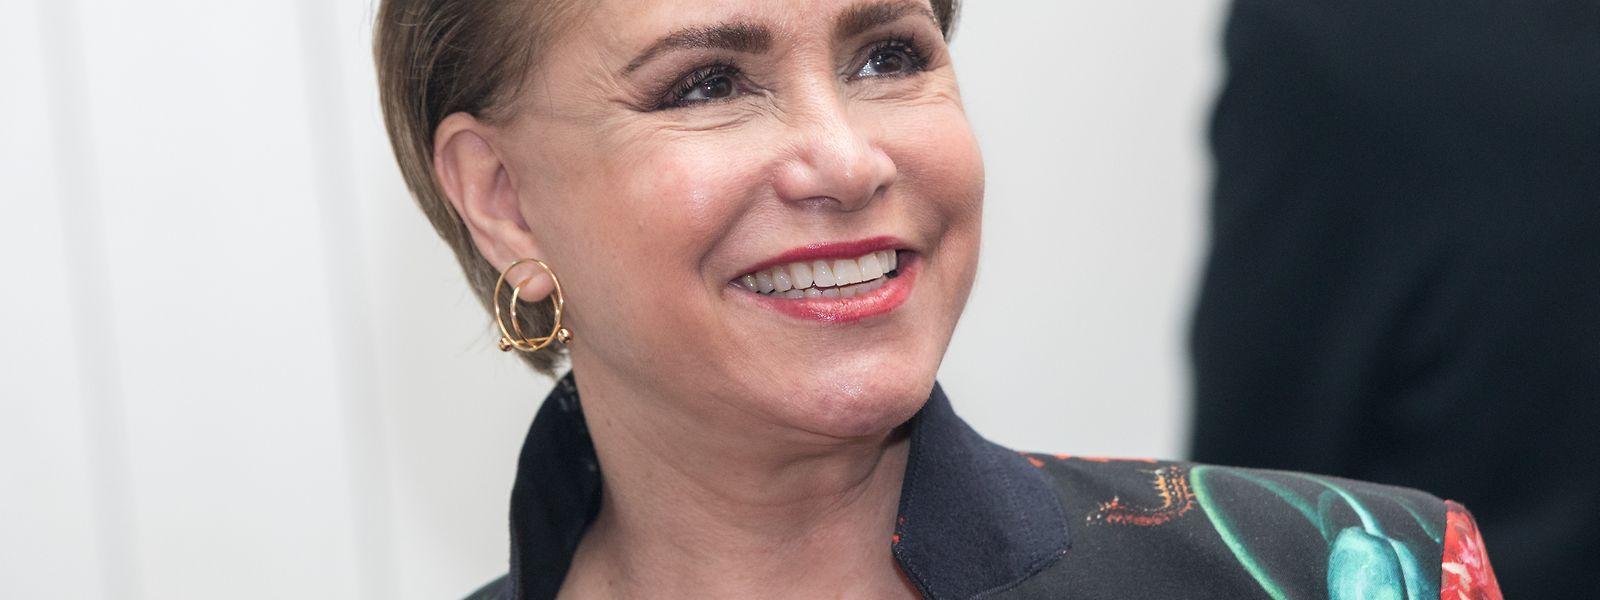 Großherzogin Maria Teresa wurde am 22. März 1956 in Havanna geboren.